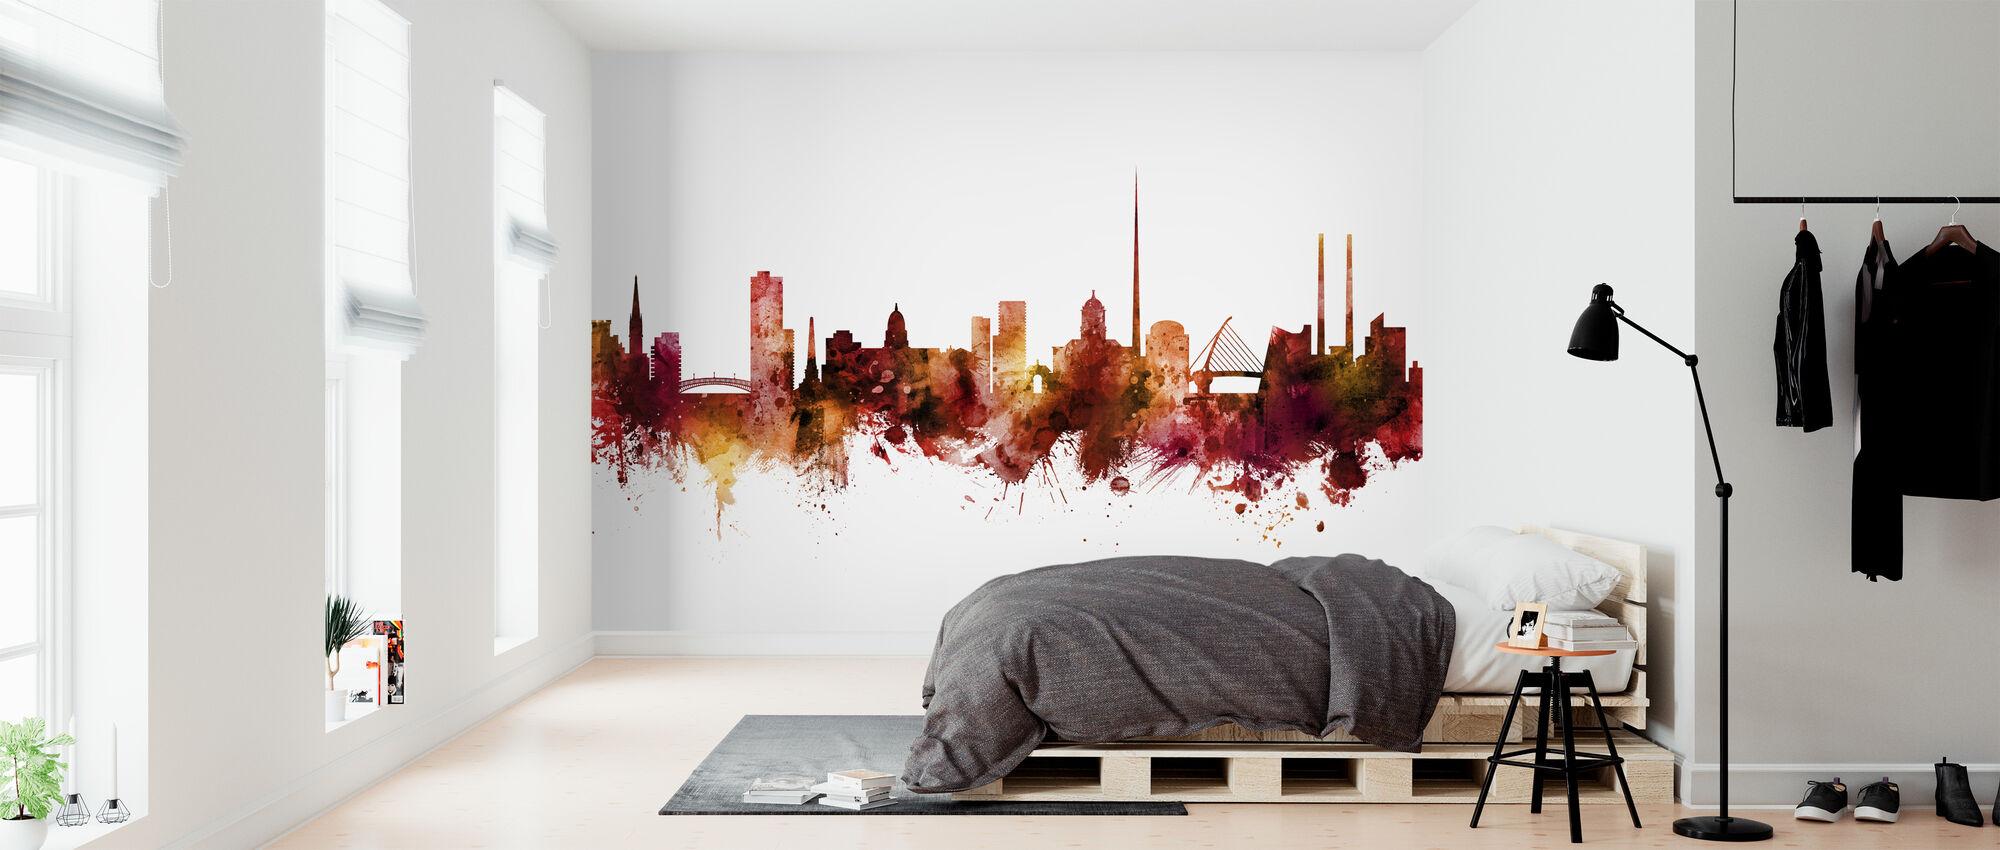 Dublin Ireland Skyline - Wallpaper - Bedroom